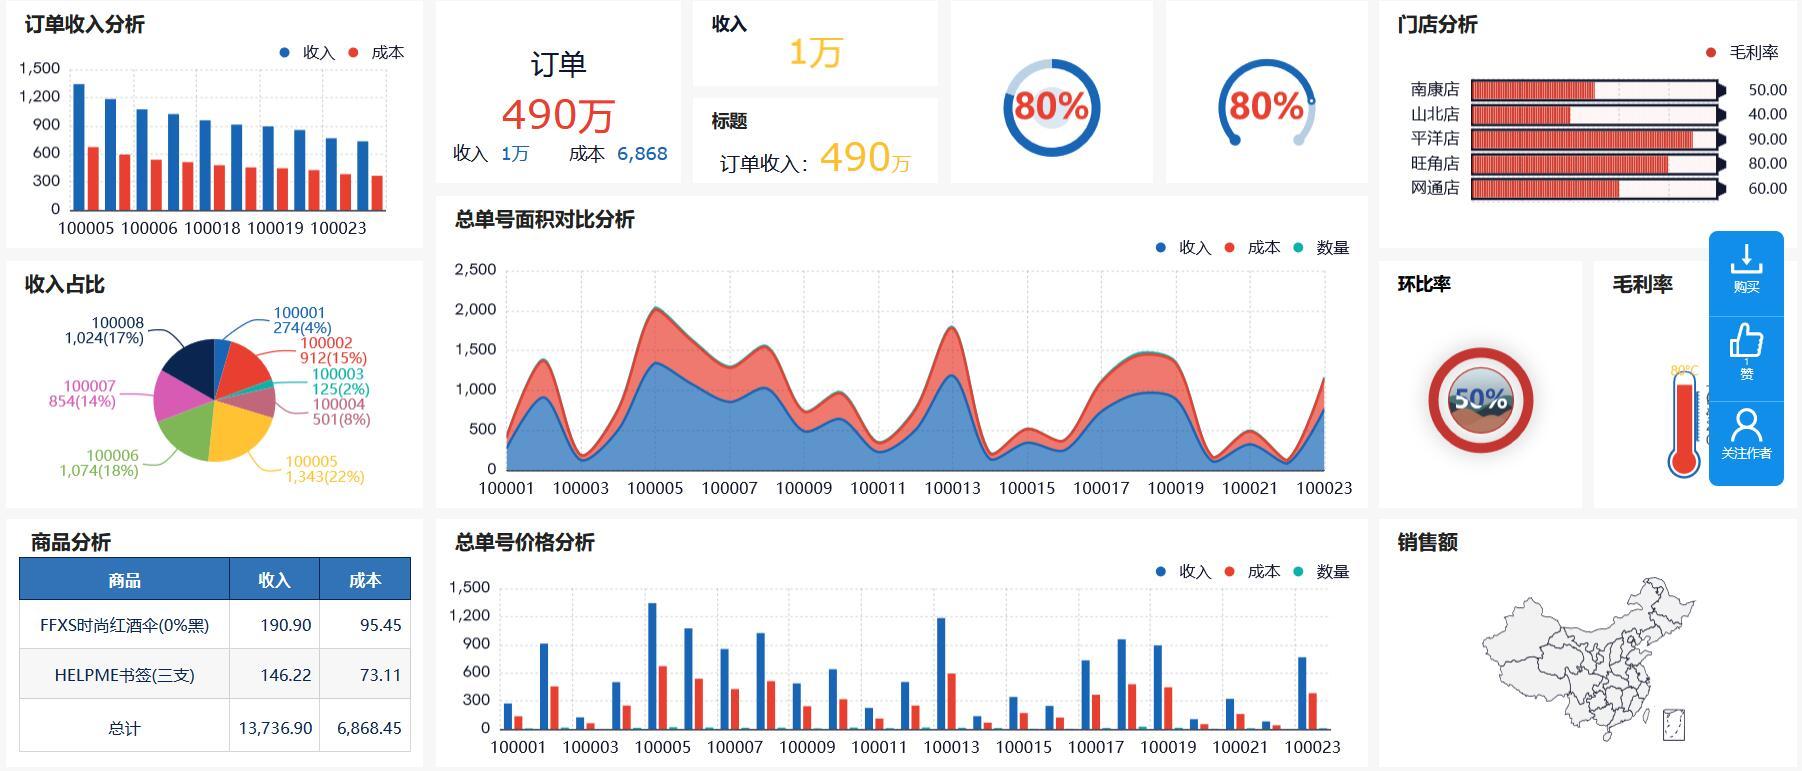 奥威BI数据可视化分析